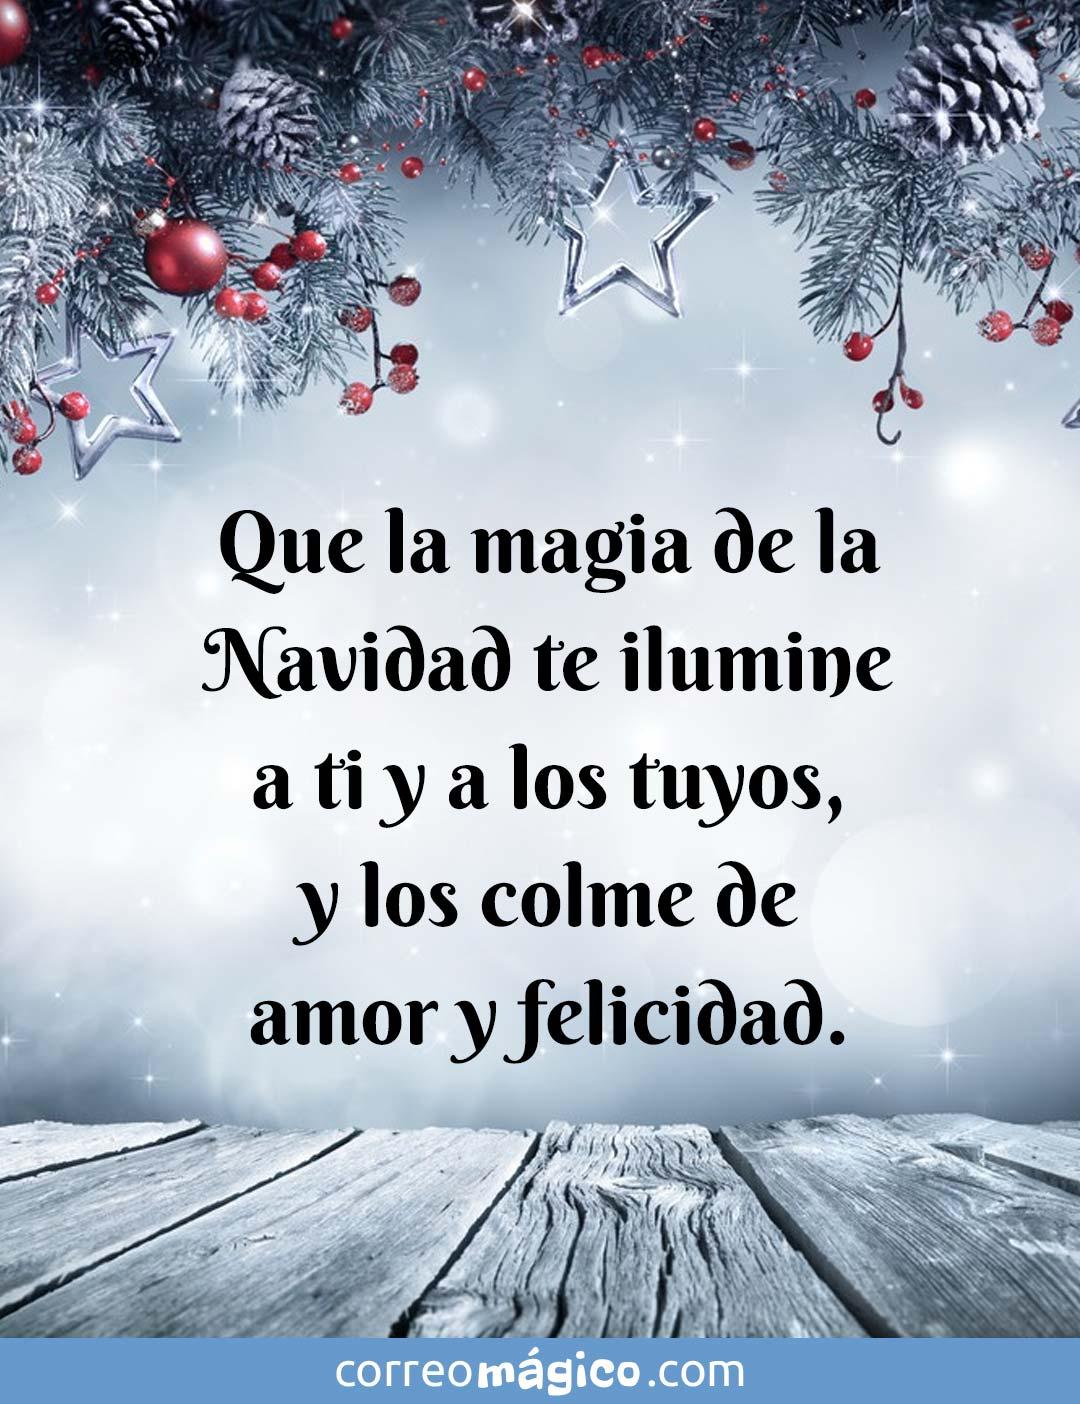 Que la magia de la Navidad te ilumine a ti y a los tuyos, y los colme de amor y felicidad.